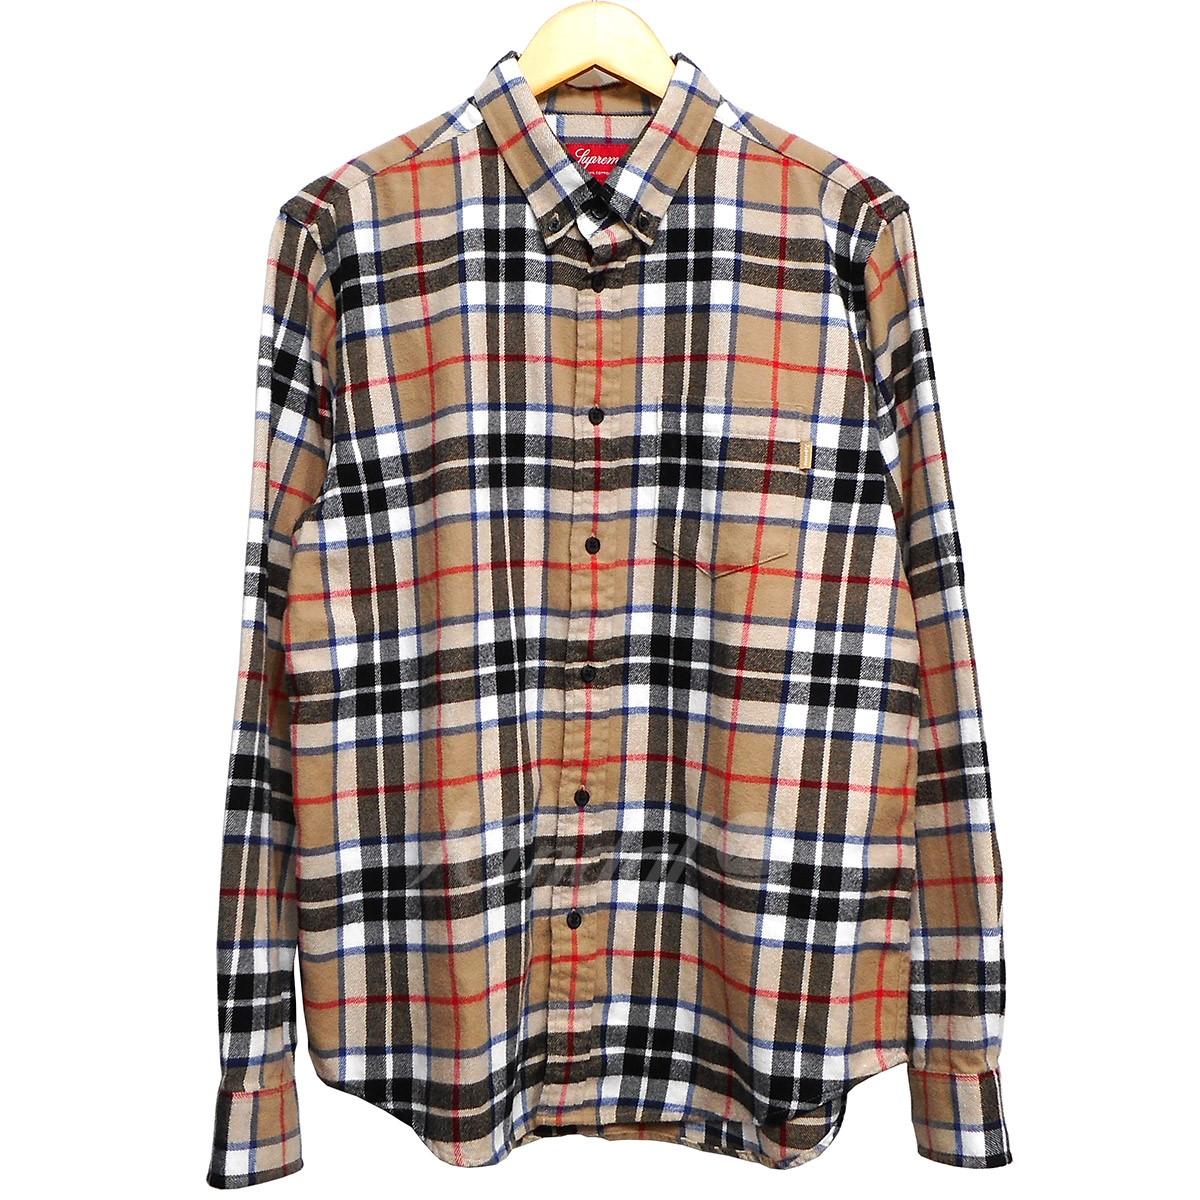 【中古】SUPREME 18AW Tartan L/S Flannel Shirt タン(ベージュ系) サイズ:M 【送料無料】 【041118】(シュプリーム)